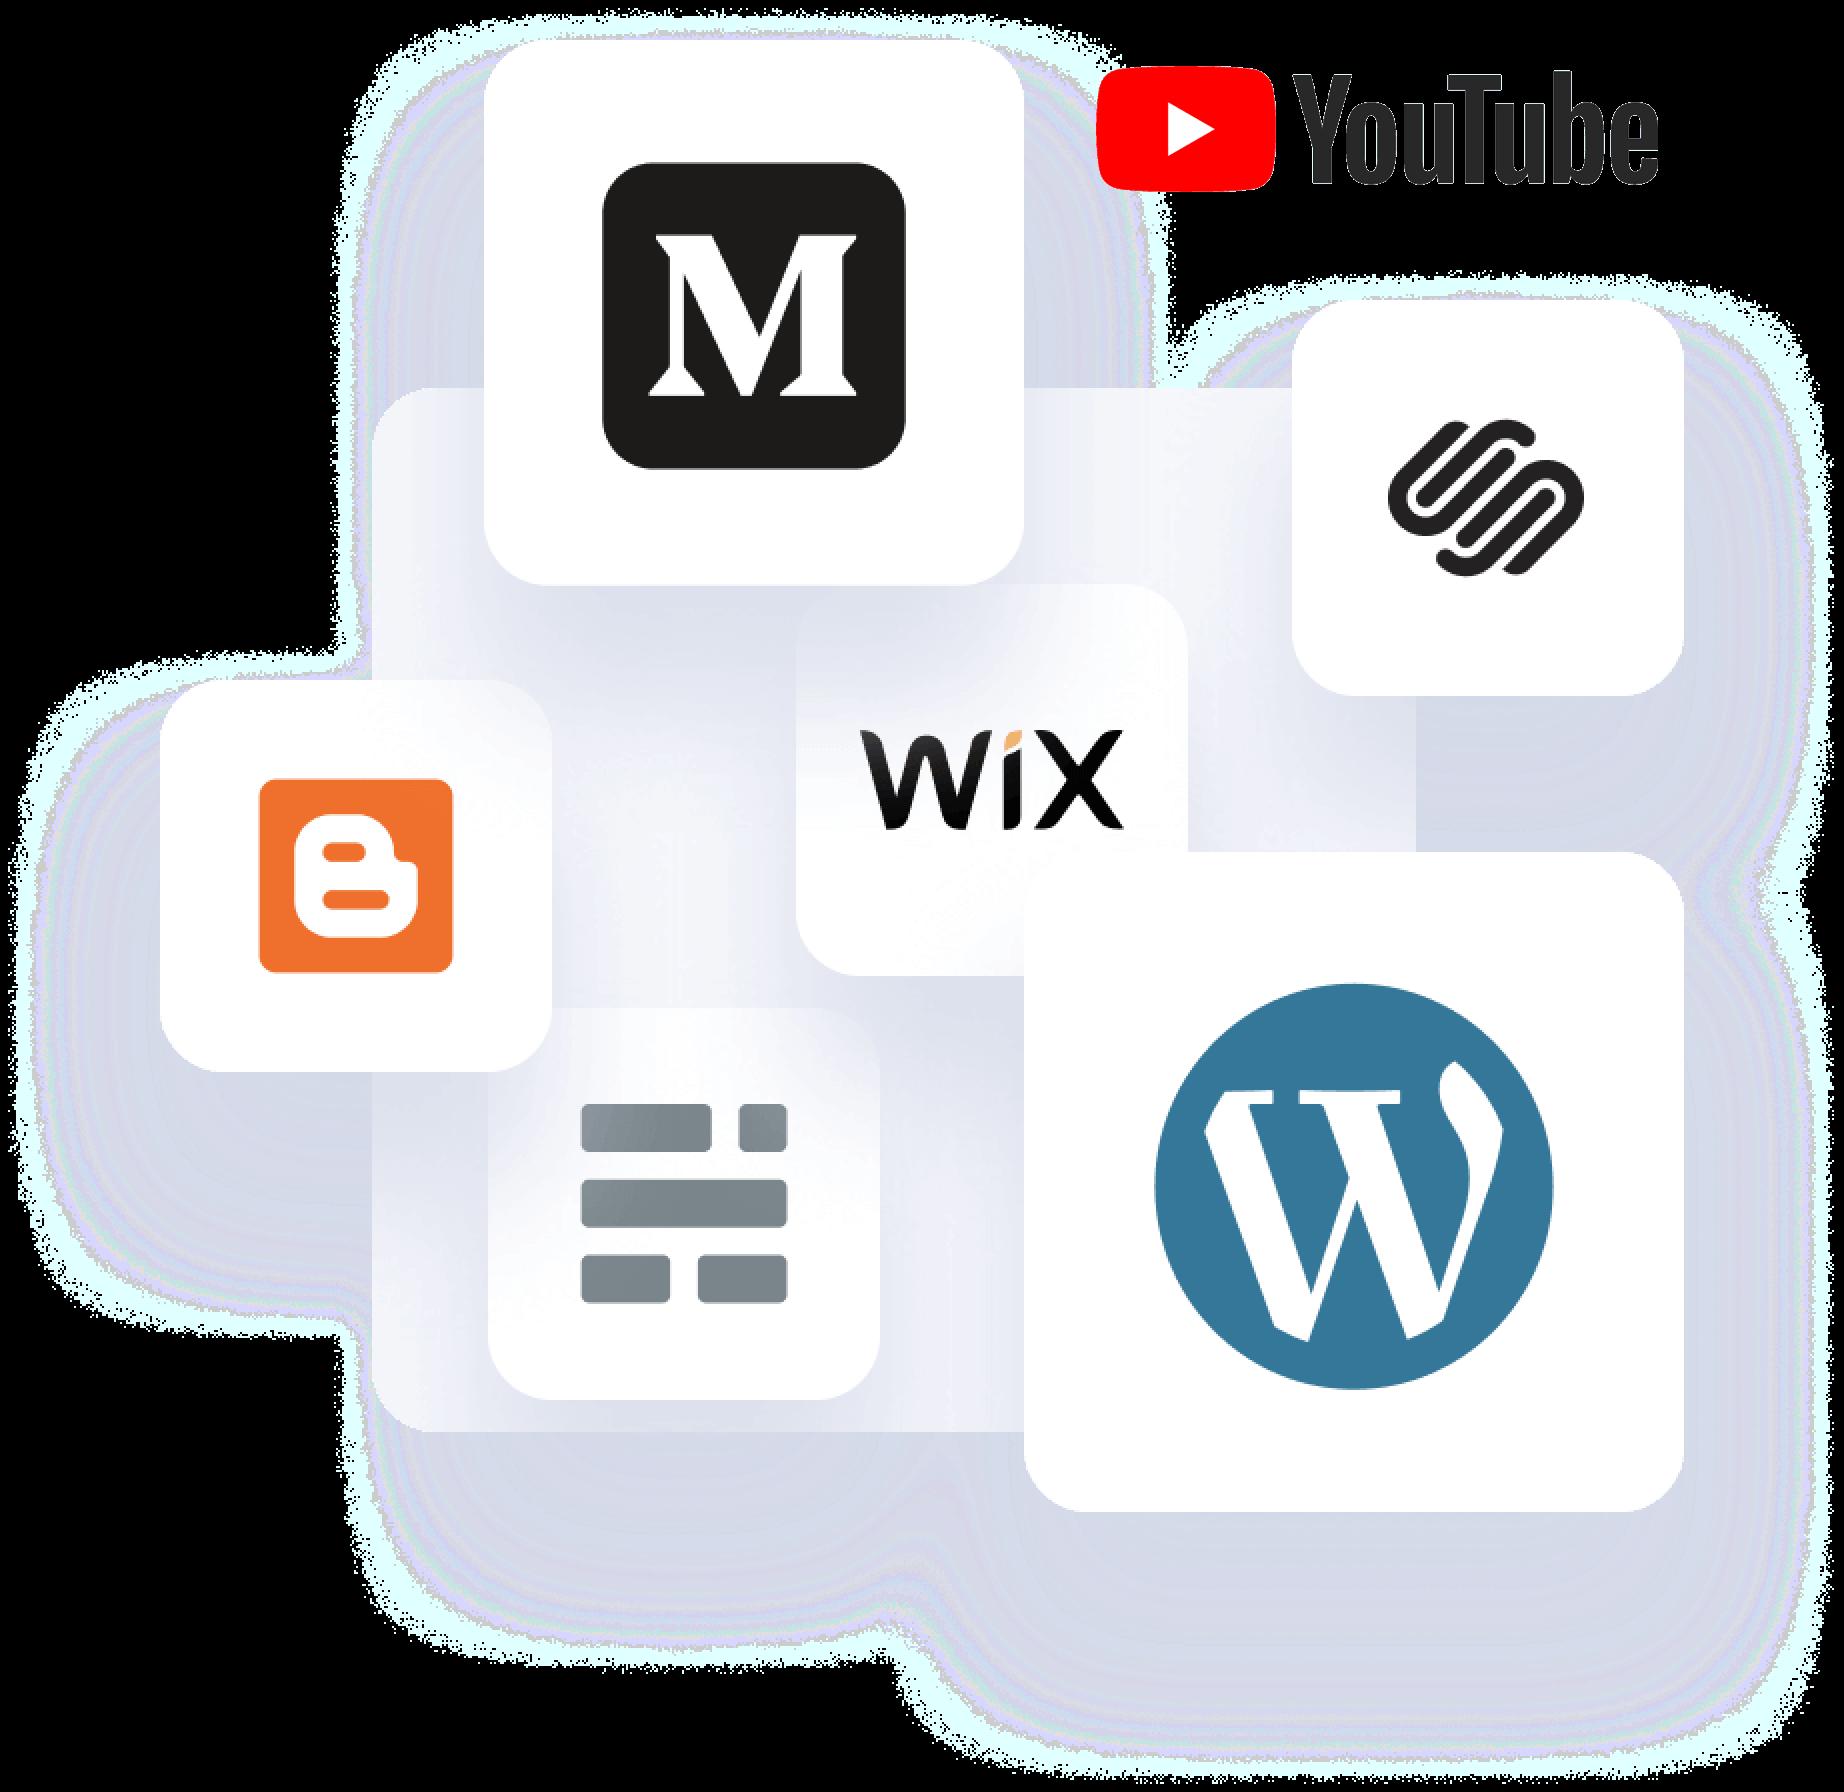 Supported Blogging Platforms